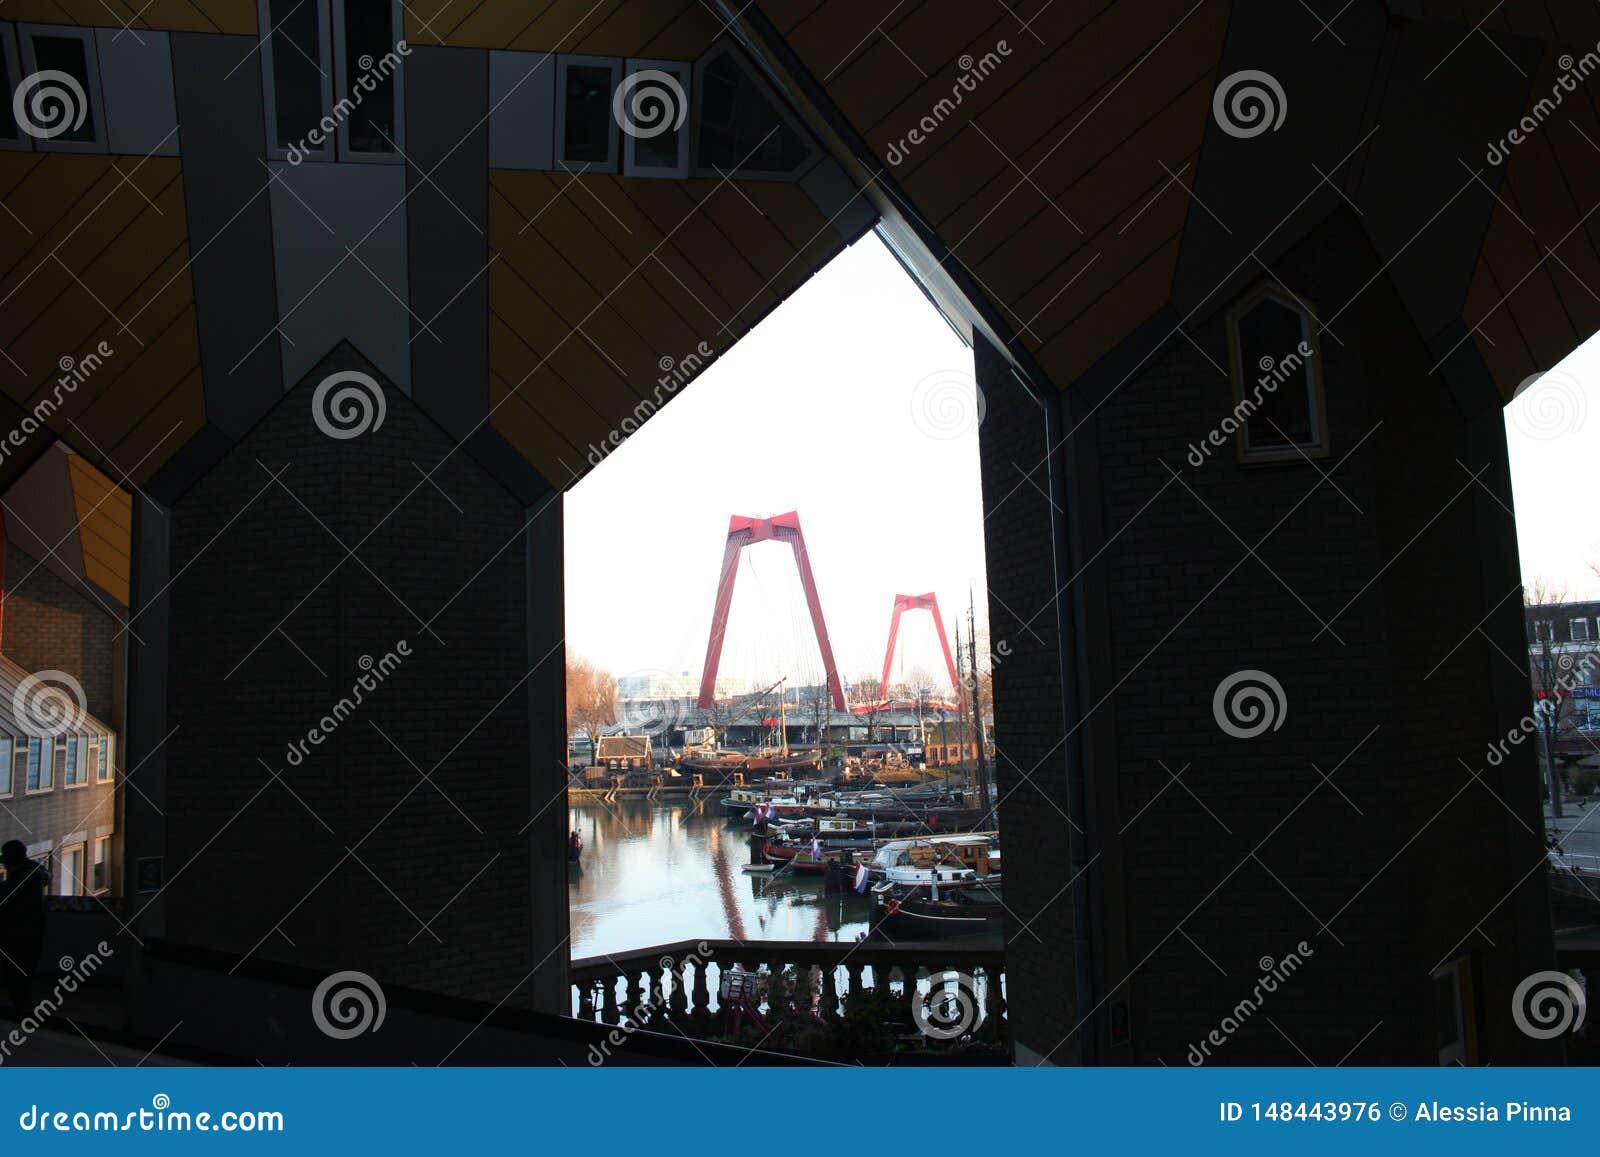 Apartamentos y oficinas dentro de las casas c?bicas de Rotterdam, ciudad metropolitana